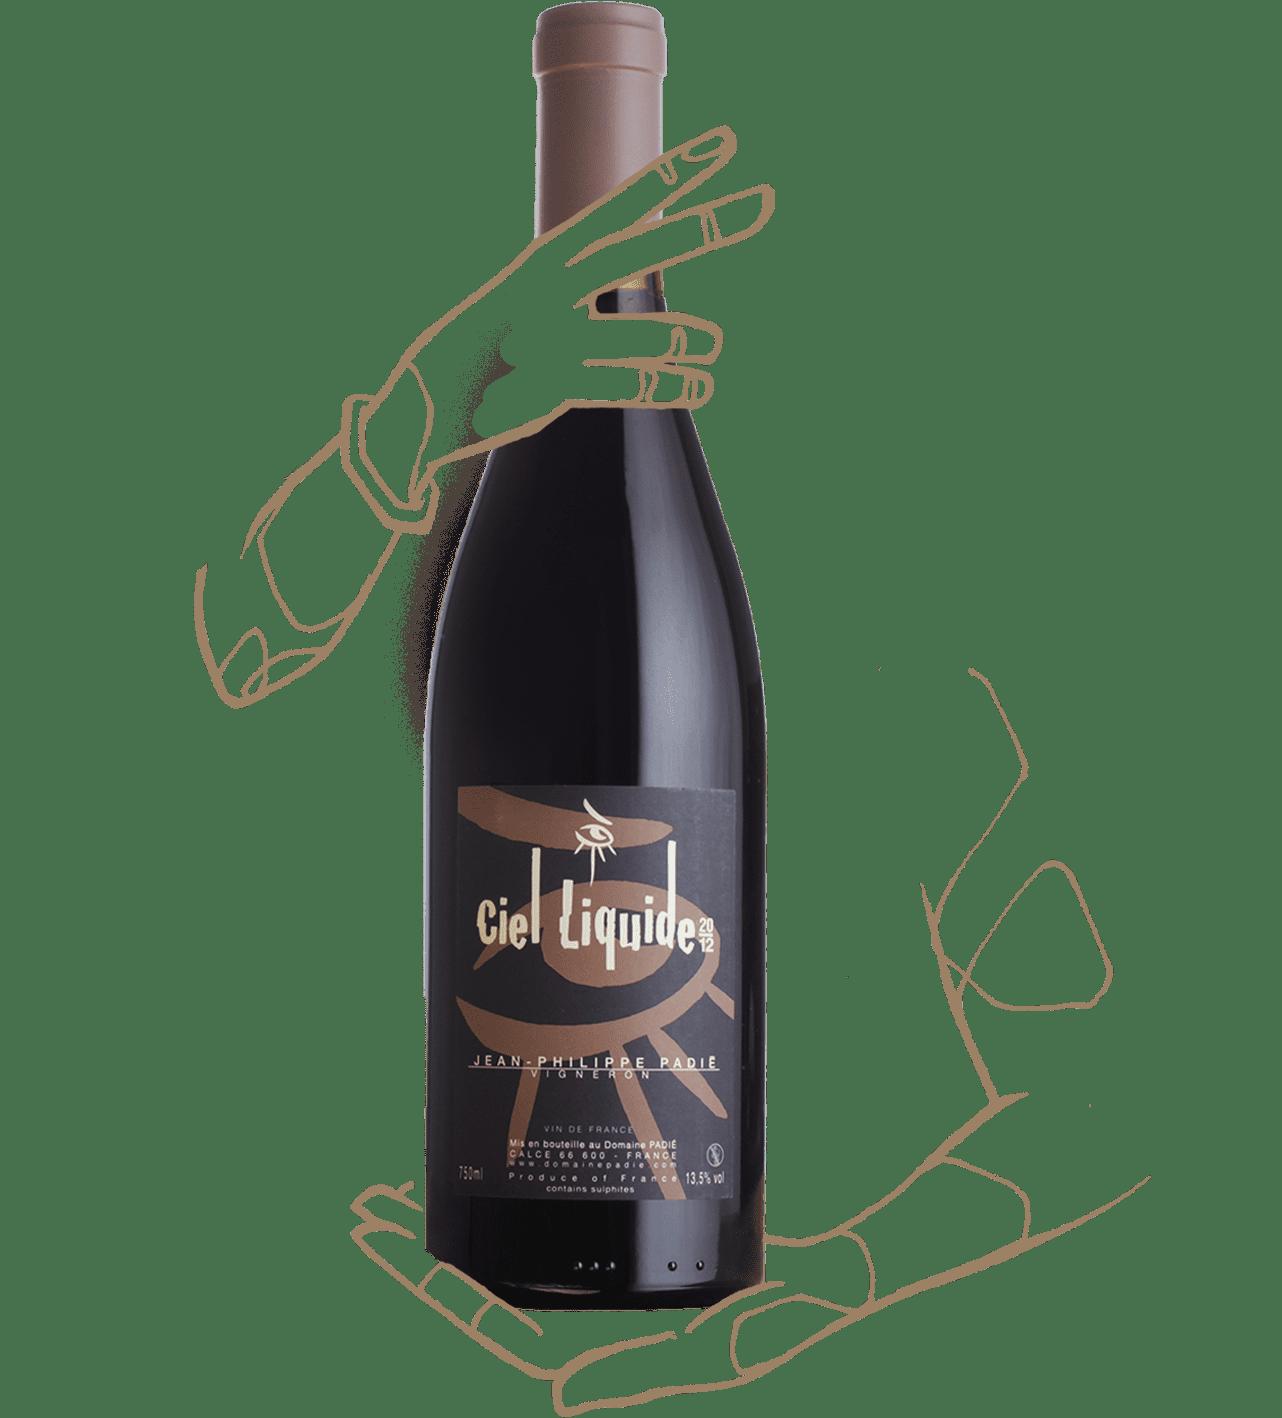 Ciel liquide du domaine Padié est un vin naturel du Roussillon